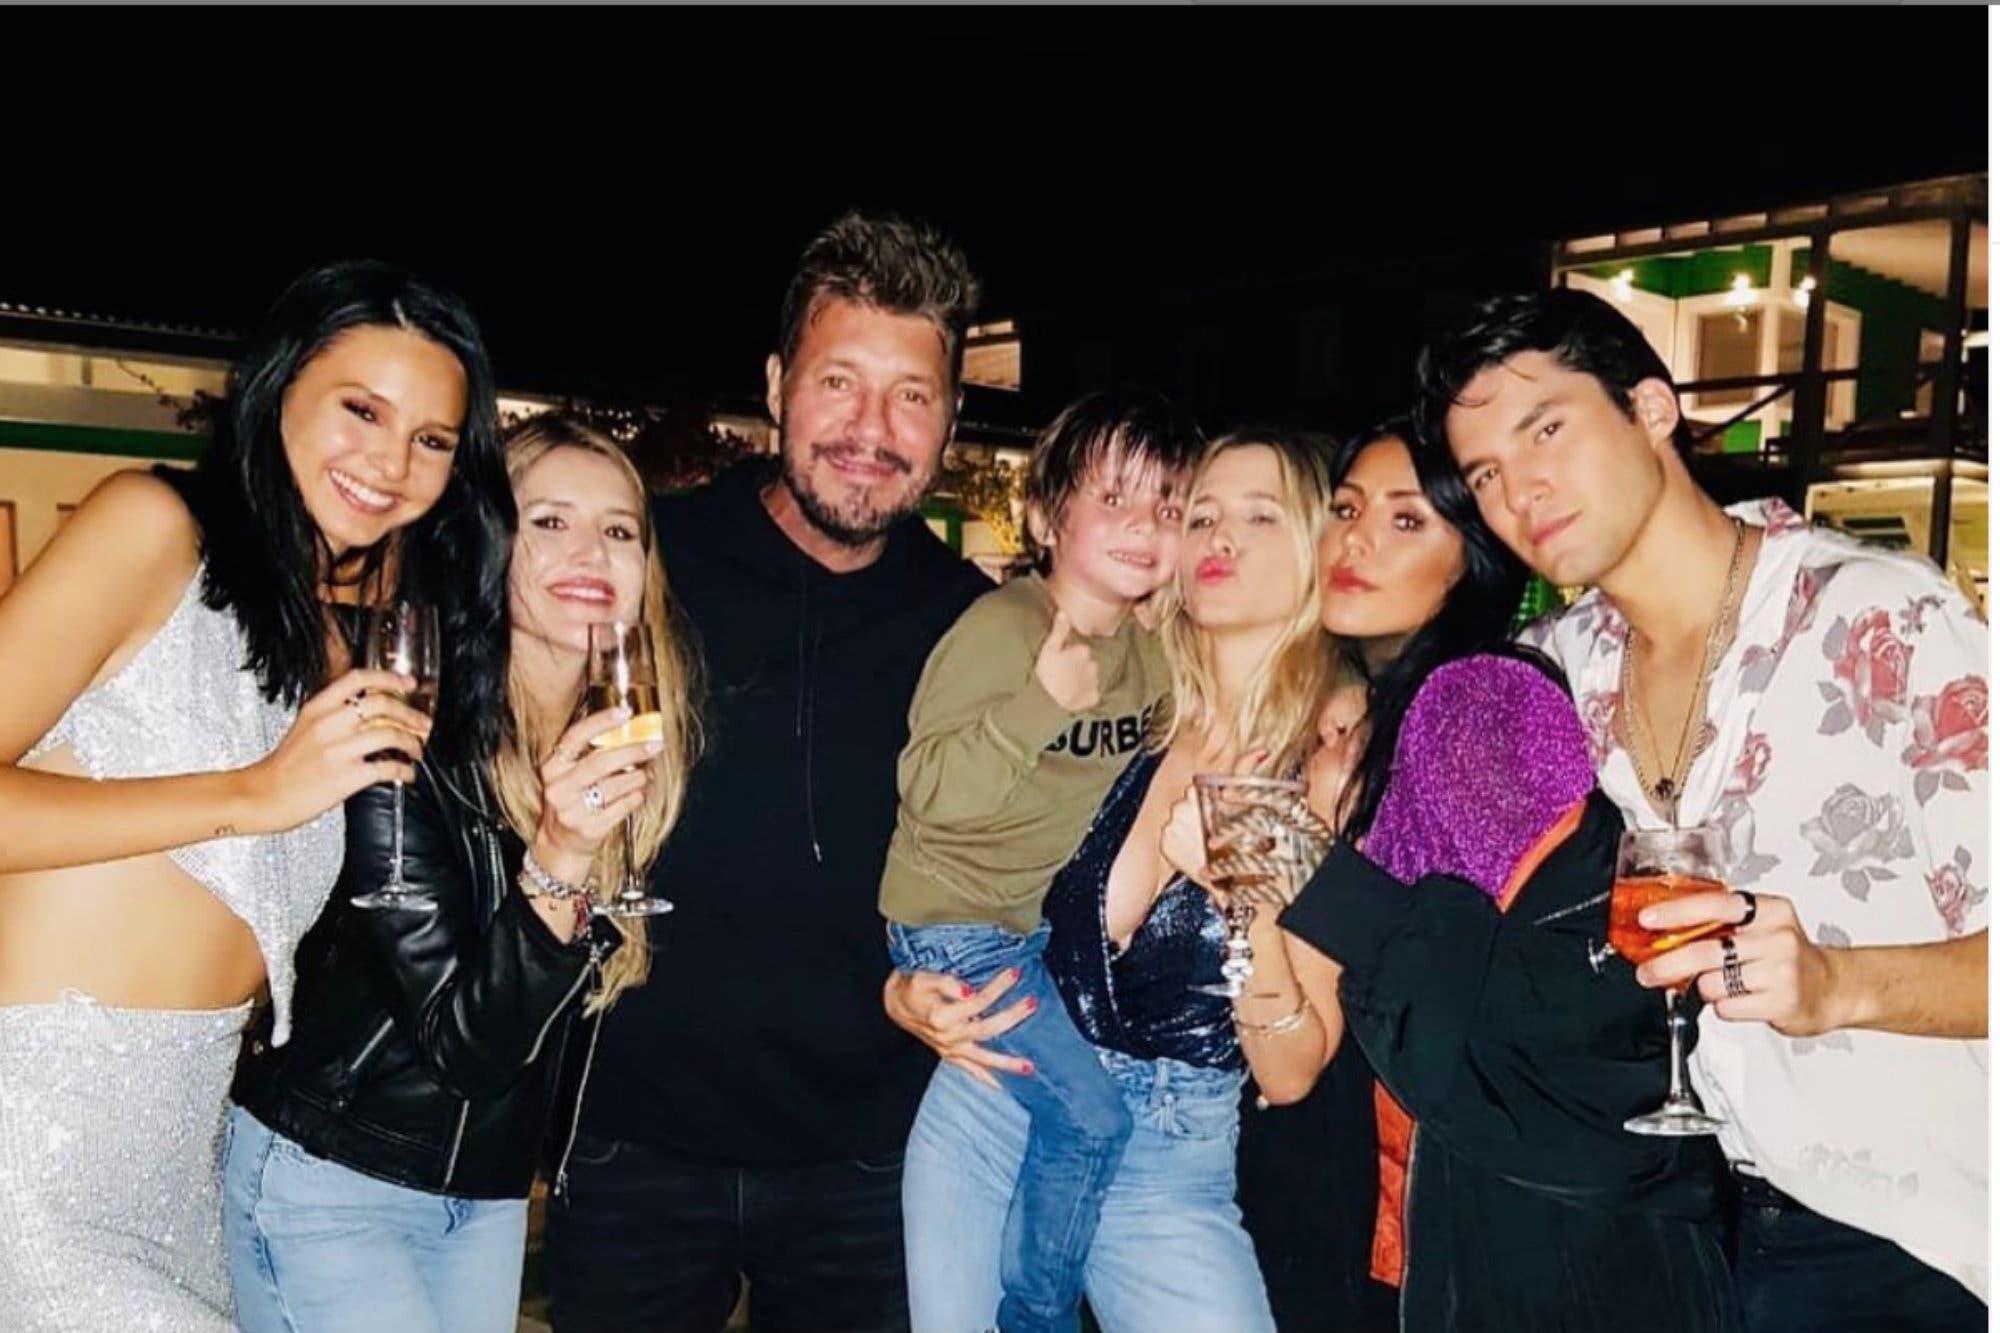 ¡Feliz 2020! Cómo celebraron los famosos el comienzo del nuevo año